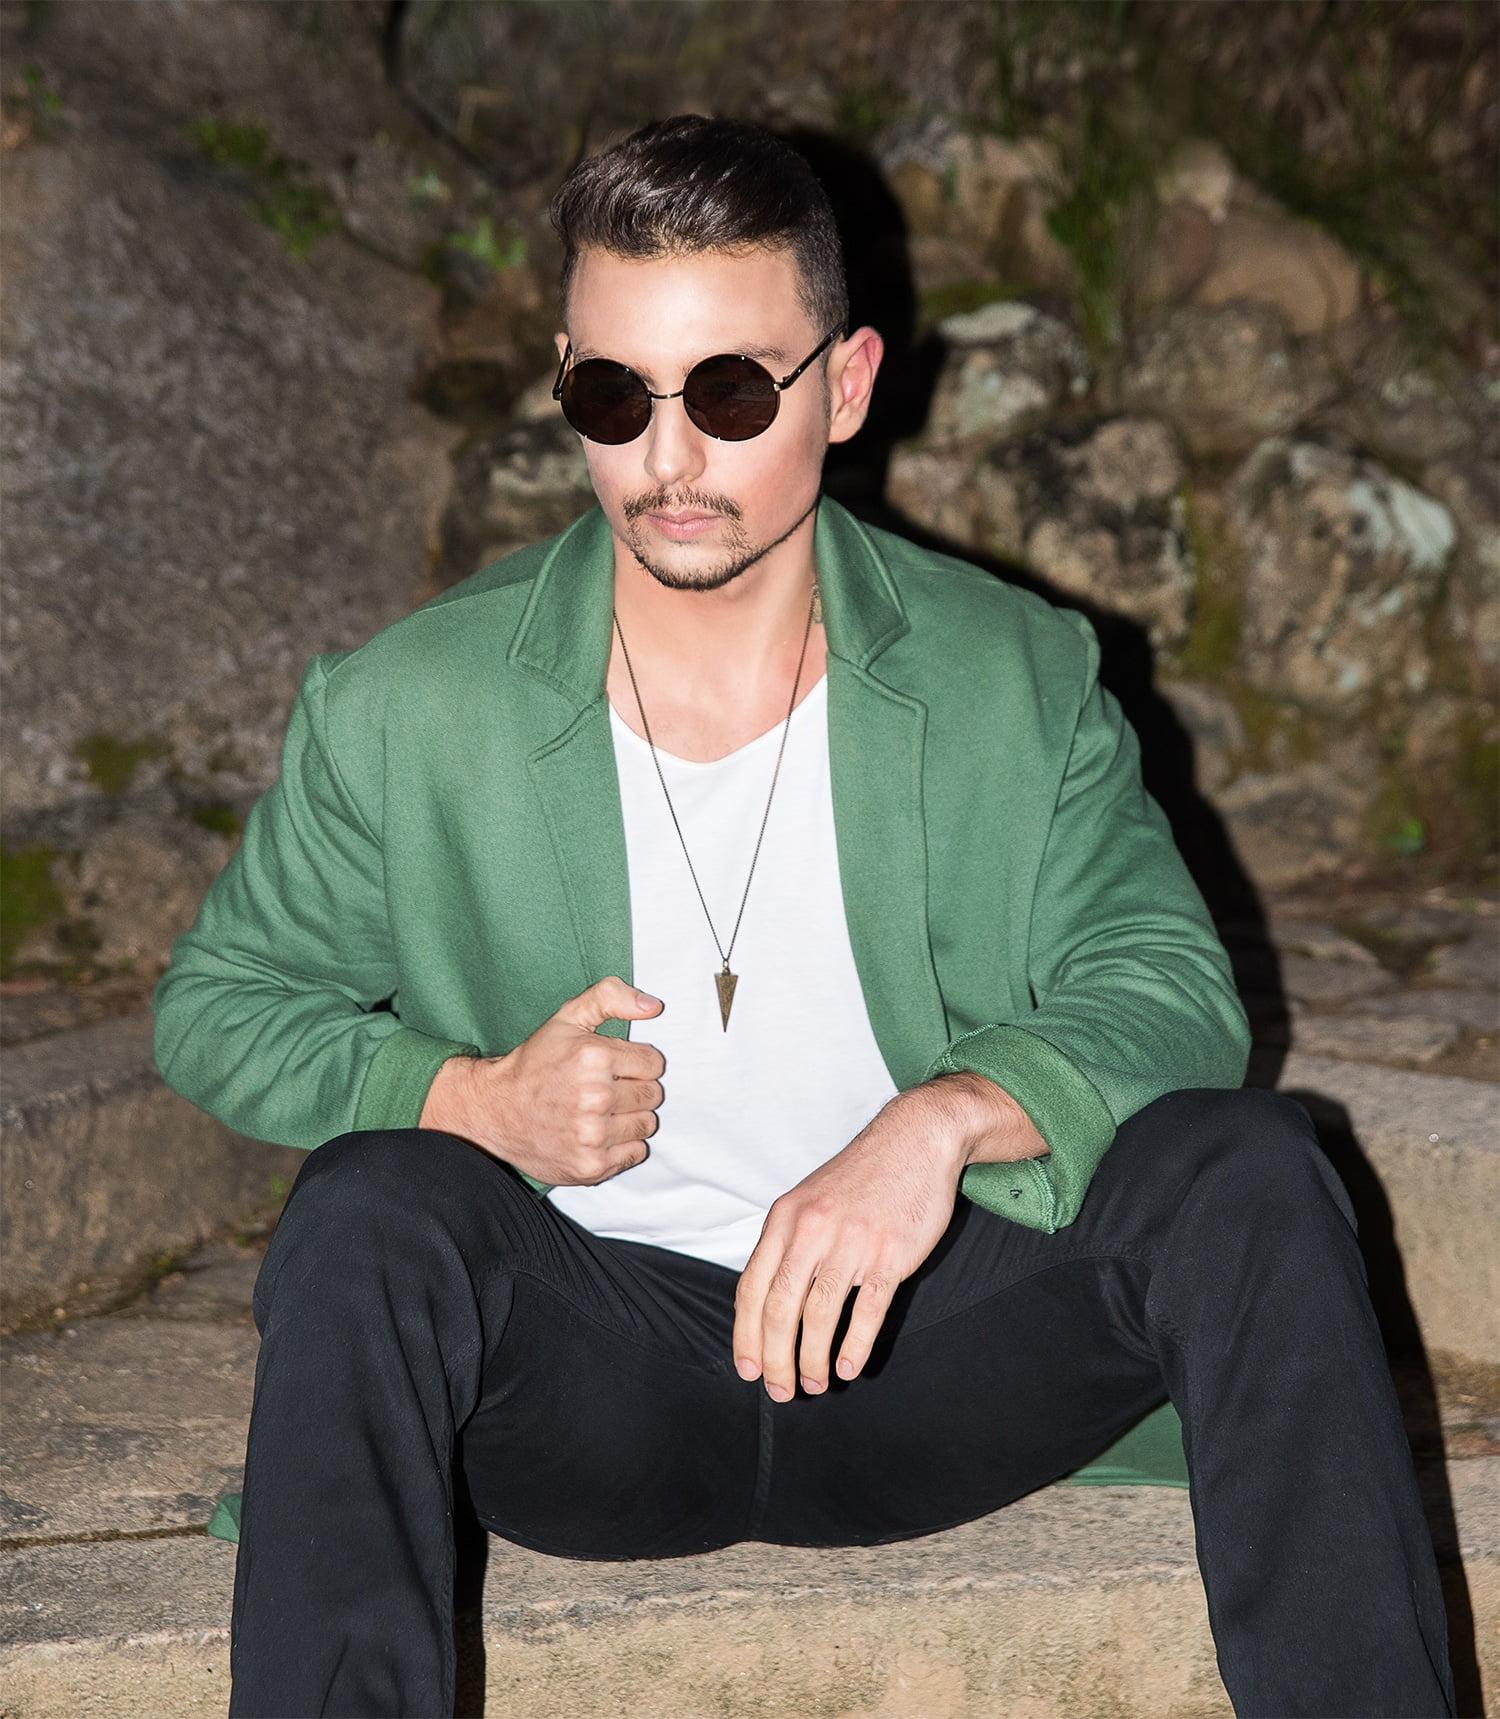 6 Juan Alves Oculos round estilo hqsc